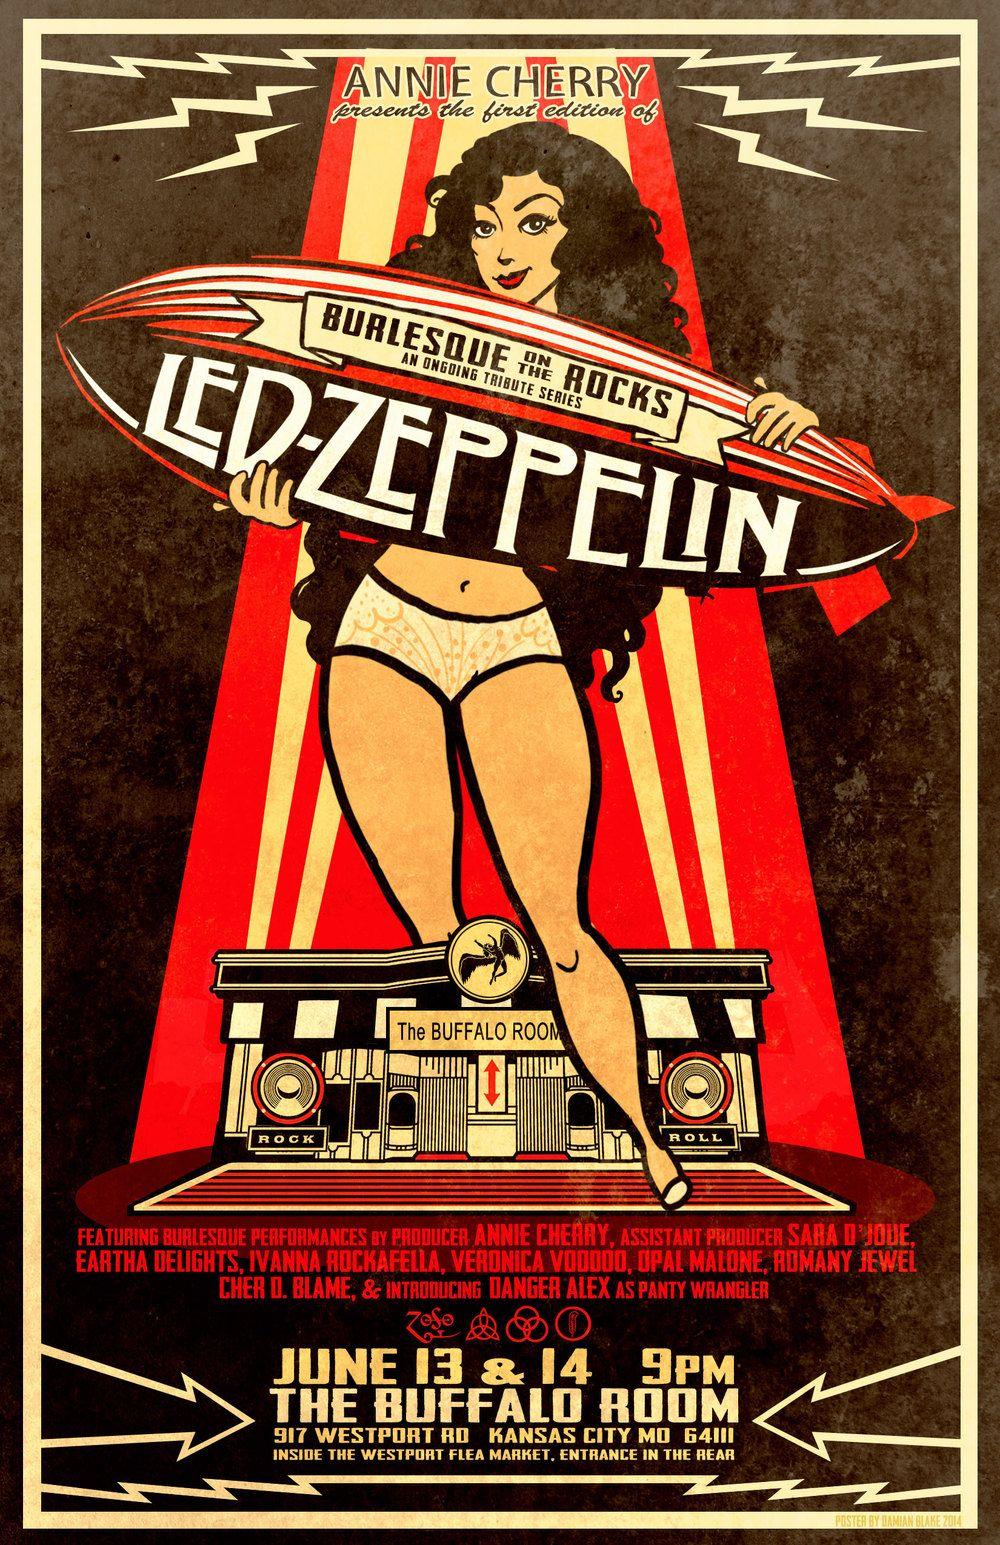 led zeppelin poster vintage jimmy in 2019 led zeppelin poster rock band posters led. Black Bedroom Furniture Sets. Home Design Ideas